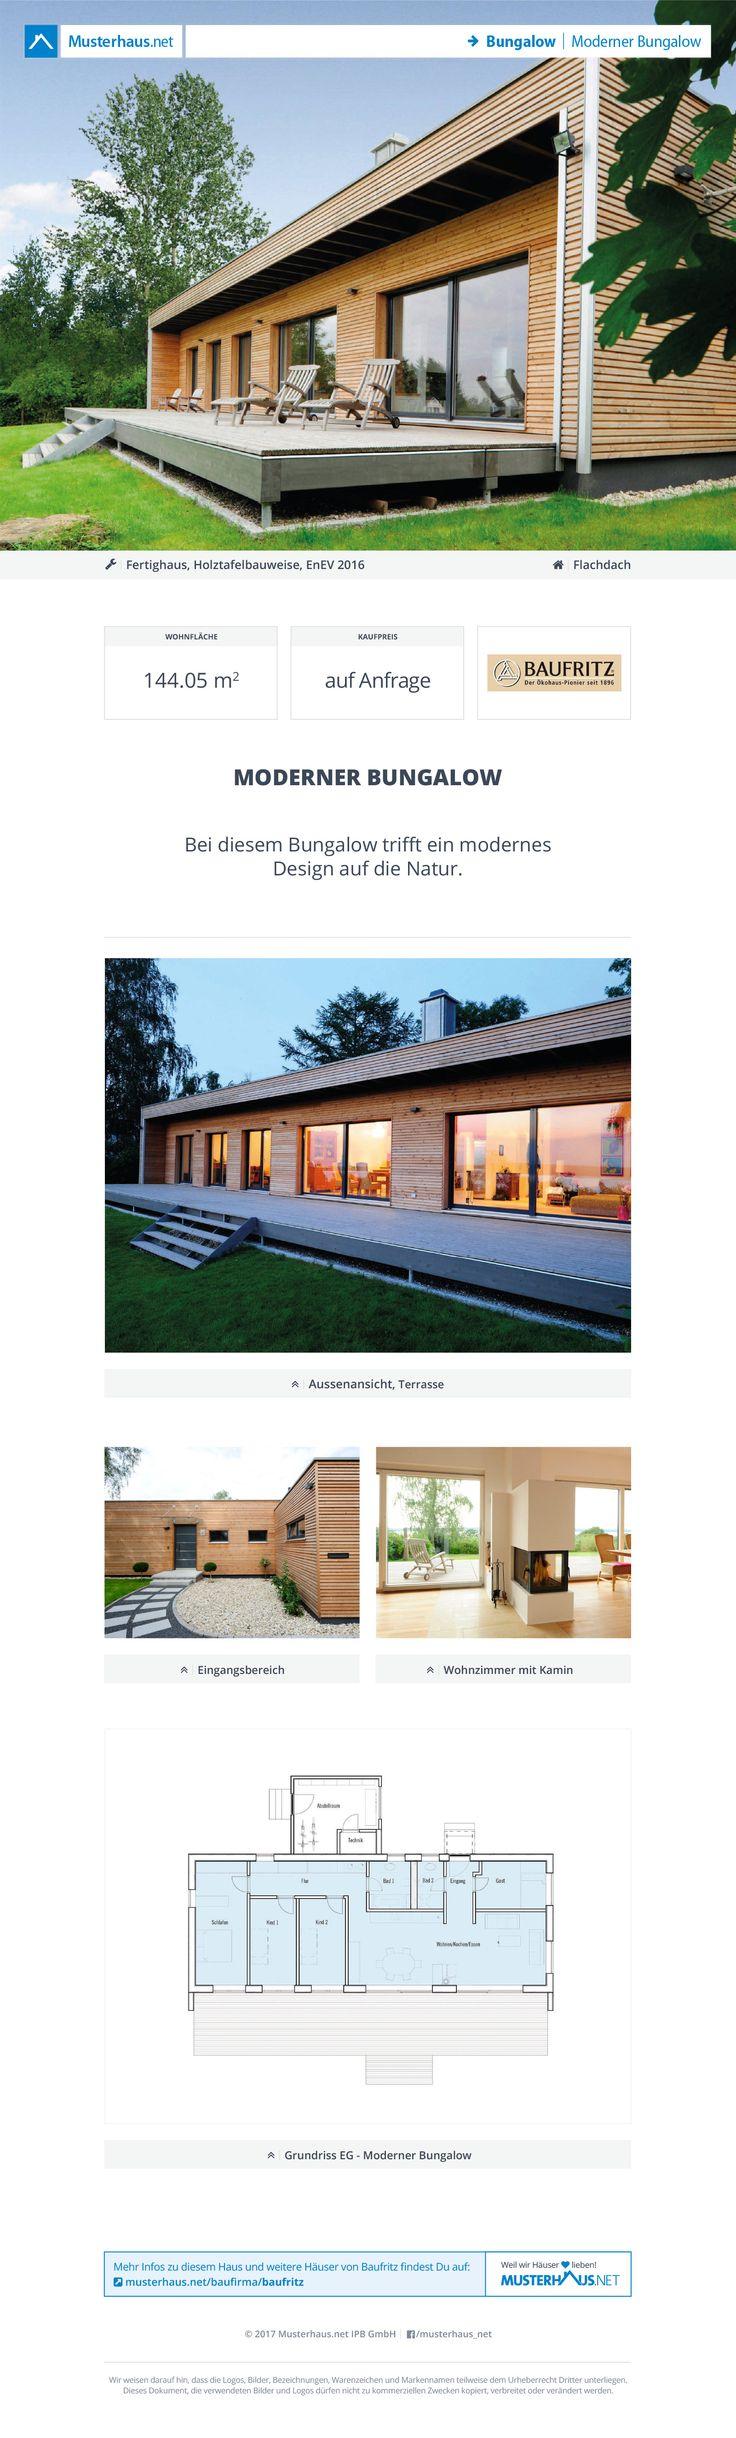 Superieur Moderner #Bungalow · Baufritz · Jetzt Bei #Musterhaus.net Unterlagen  Anfordern!